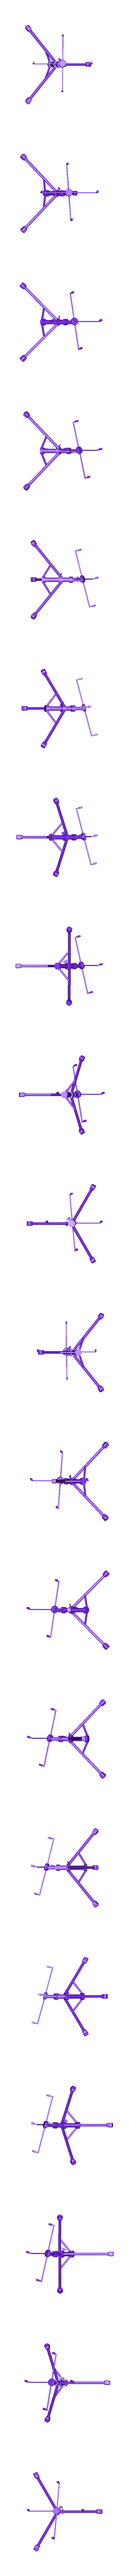 16 X 14 Stand.stl Télécharger fichier STL gratuit Maquette de la batterie • Objet pour impression 3D, itzu